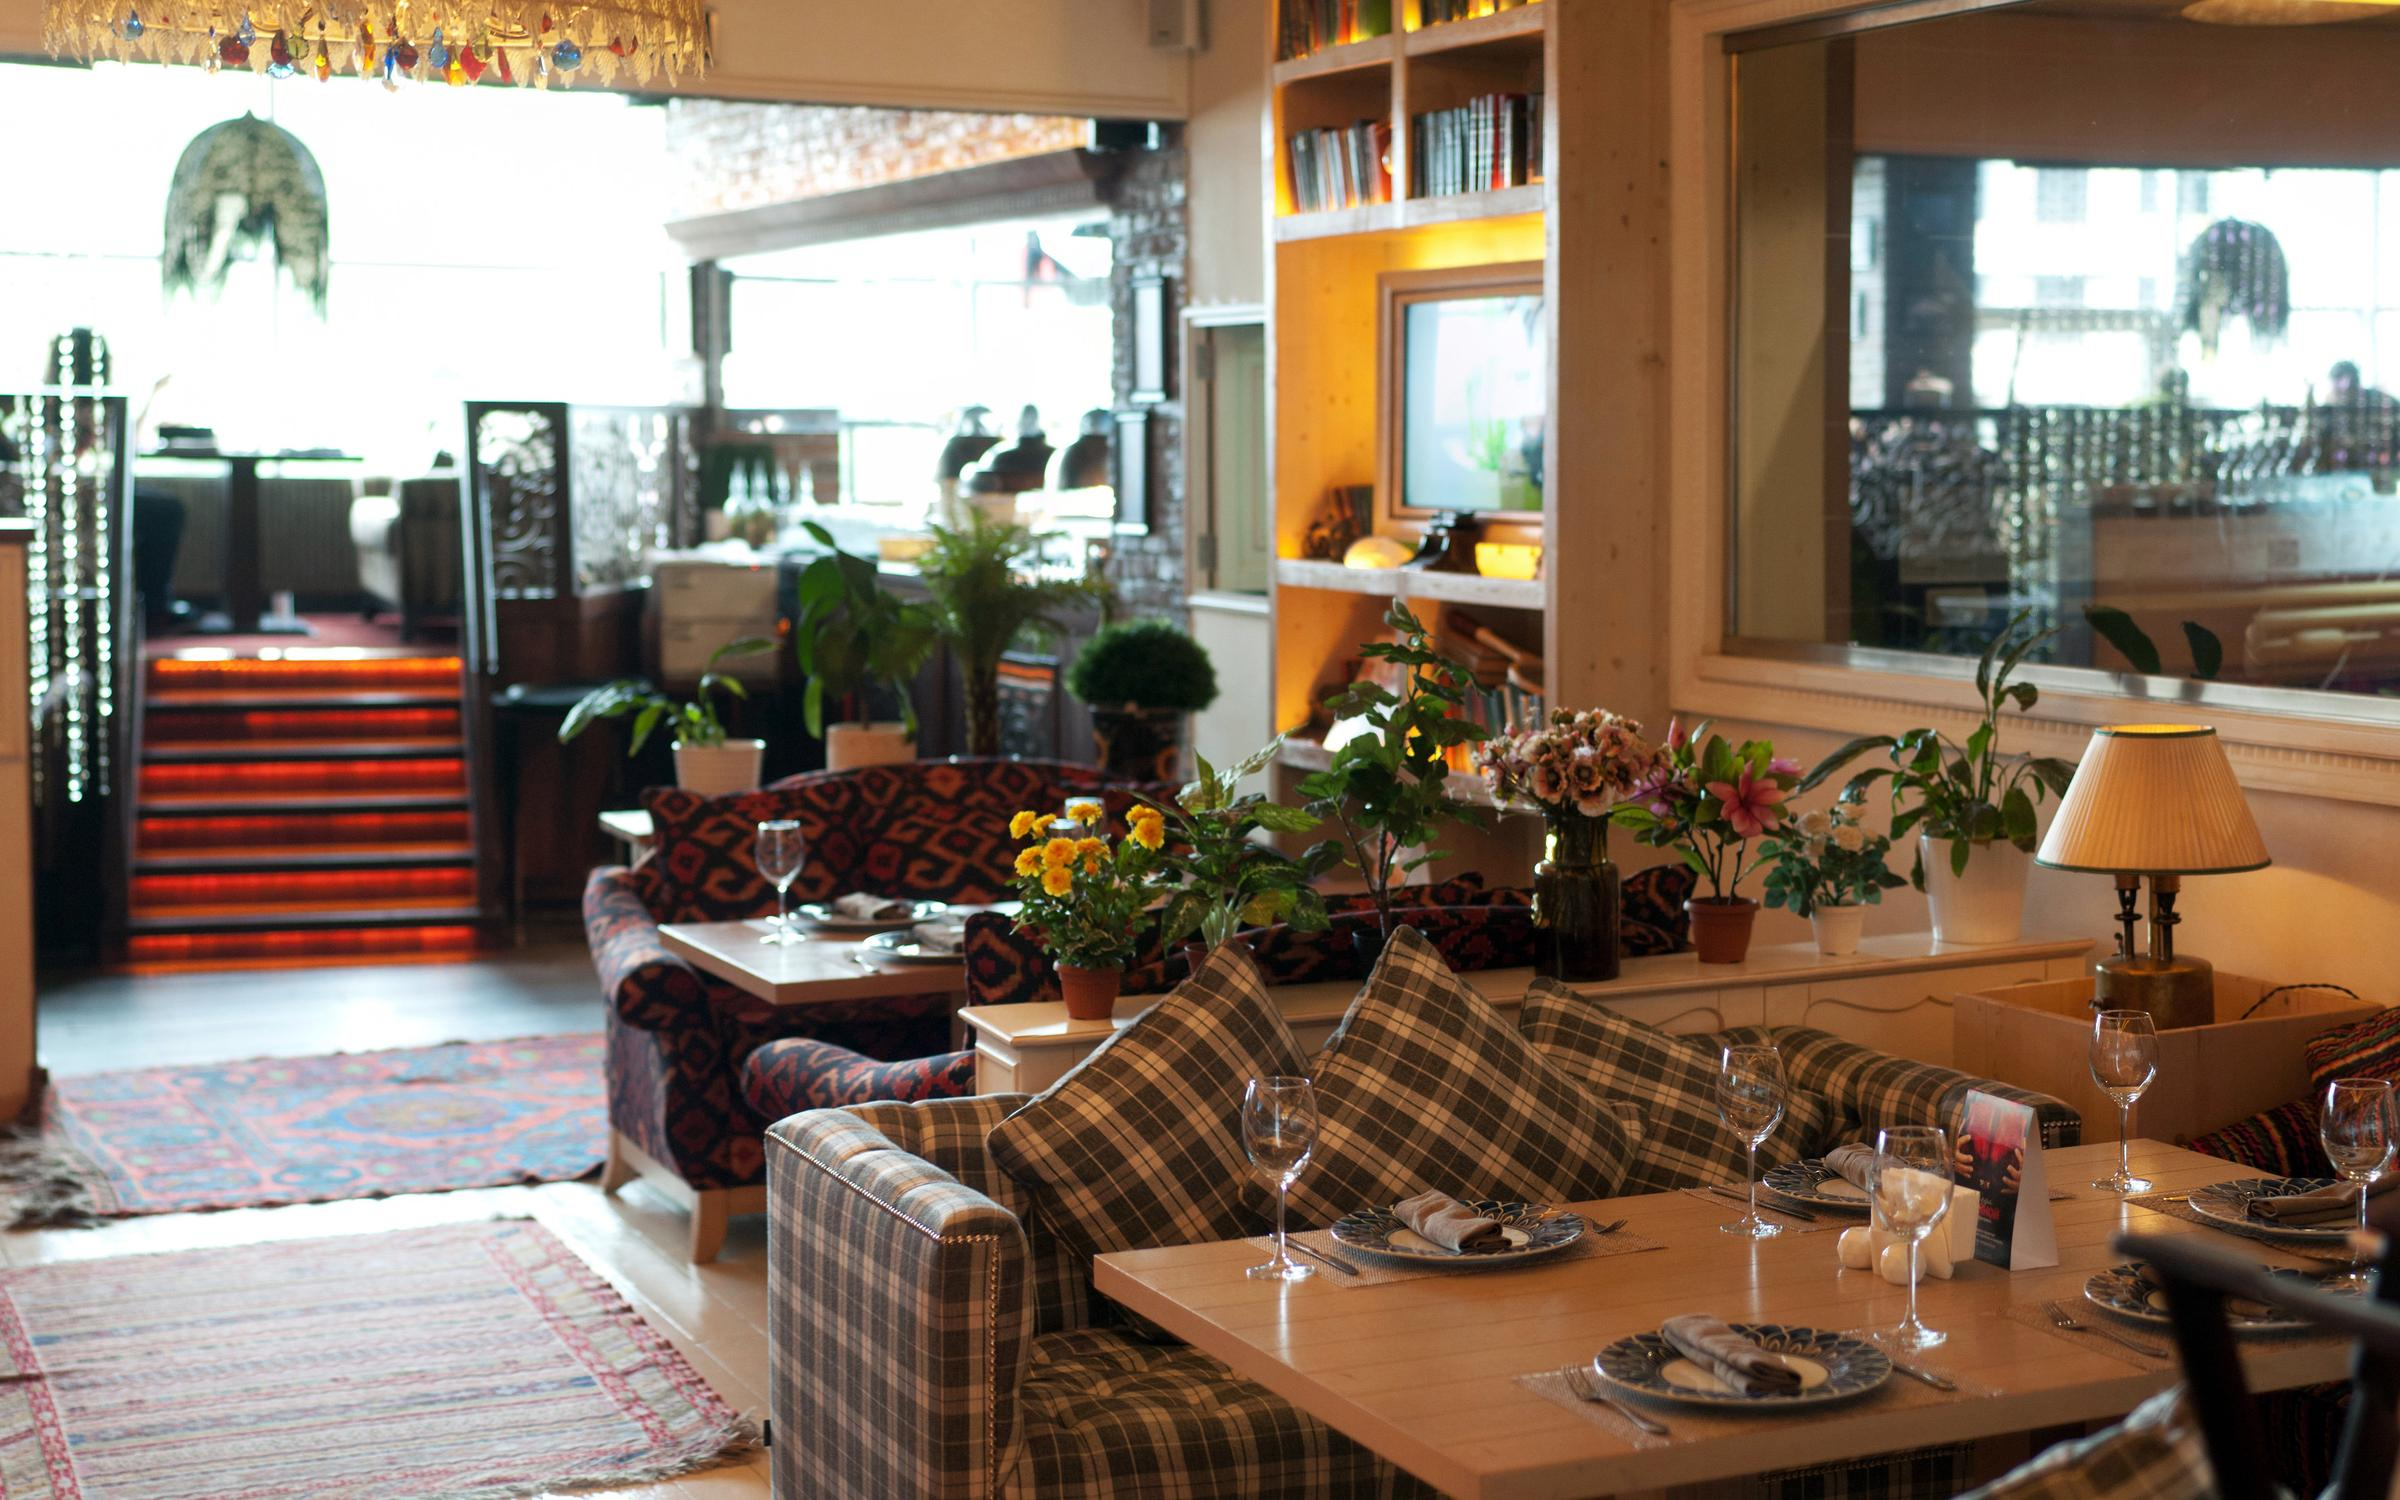 фотография Ресторана Урюк на Молодёжной улице в Химках